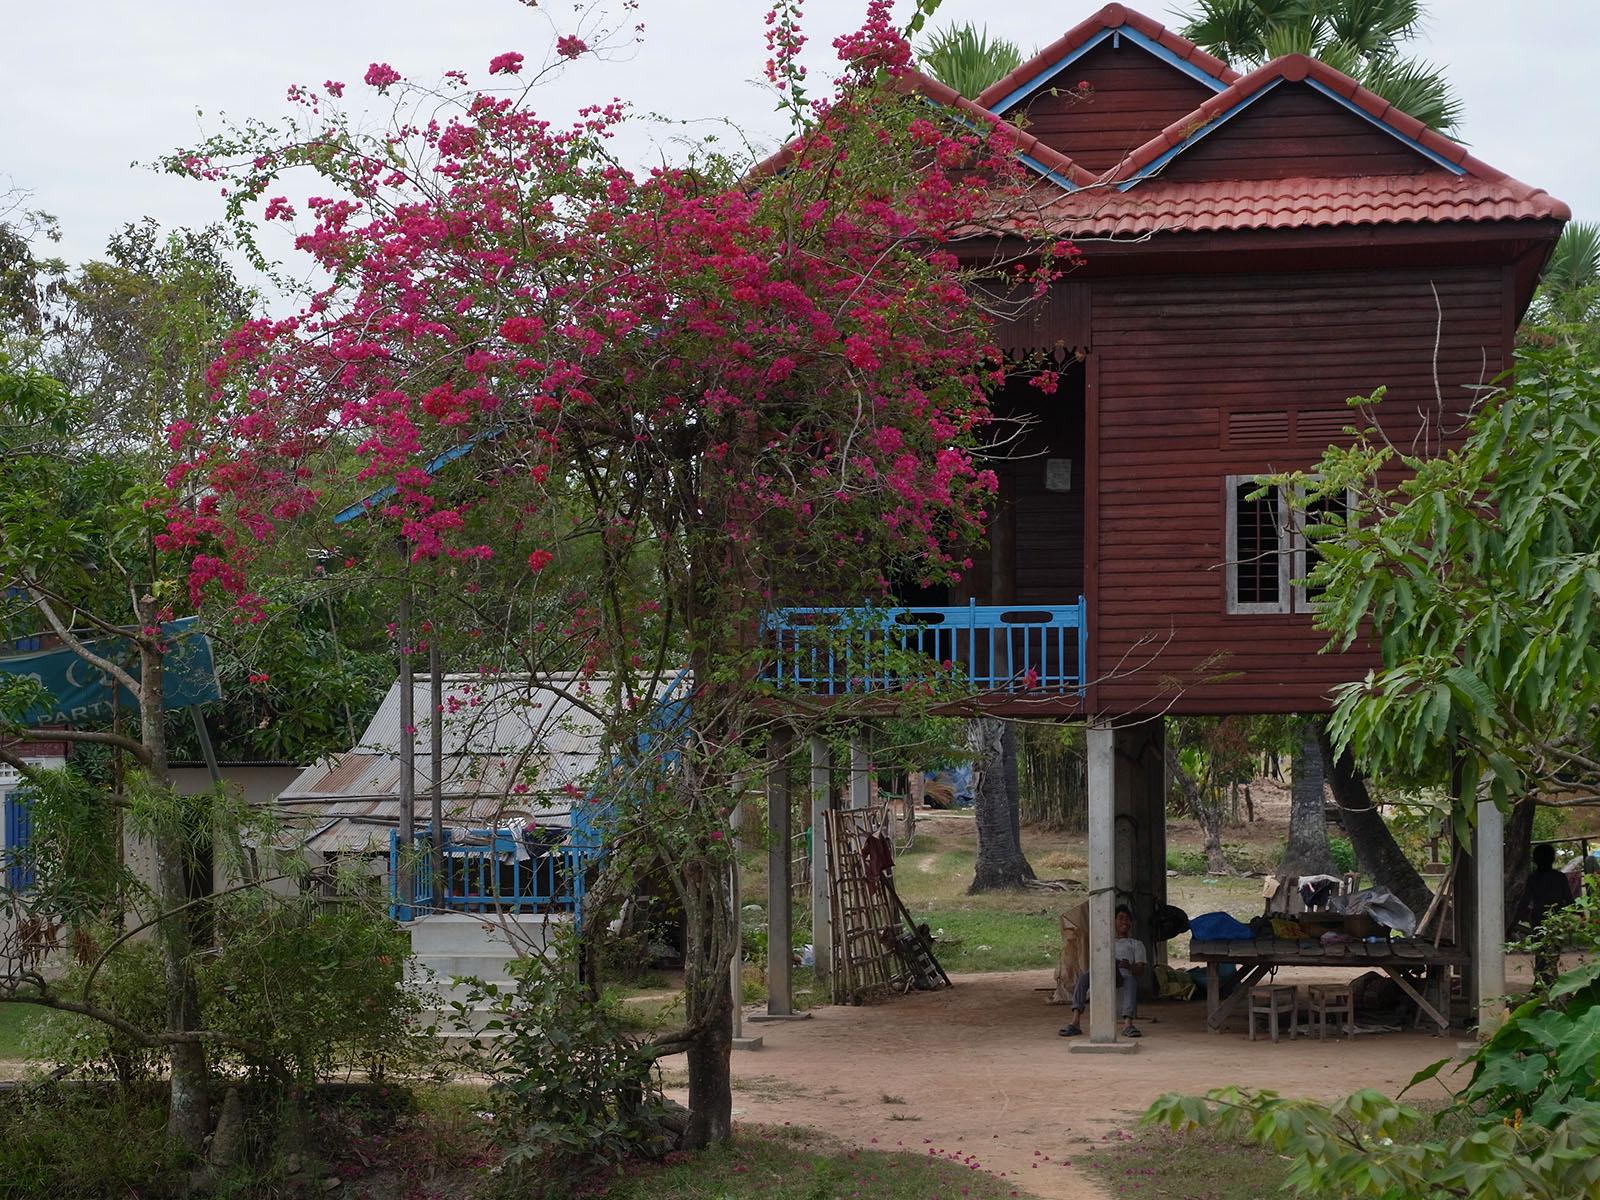 trois-toits-rampes-bleues-arbre-rouge